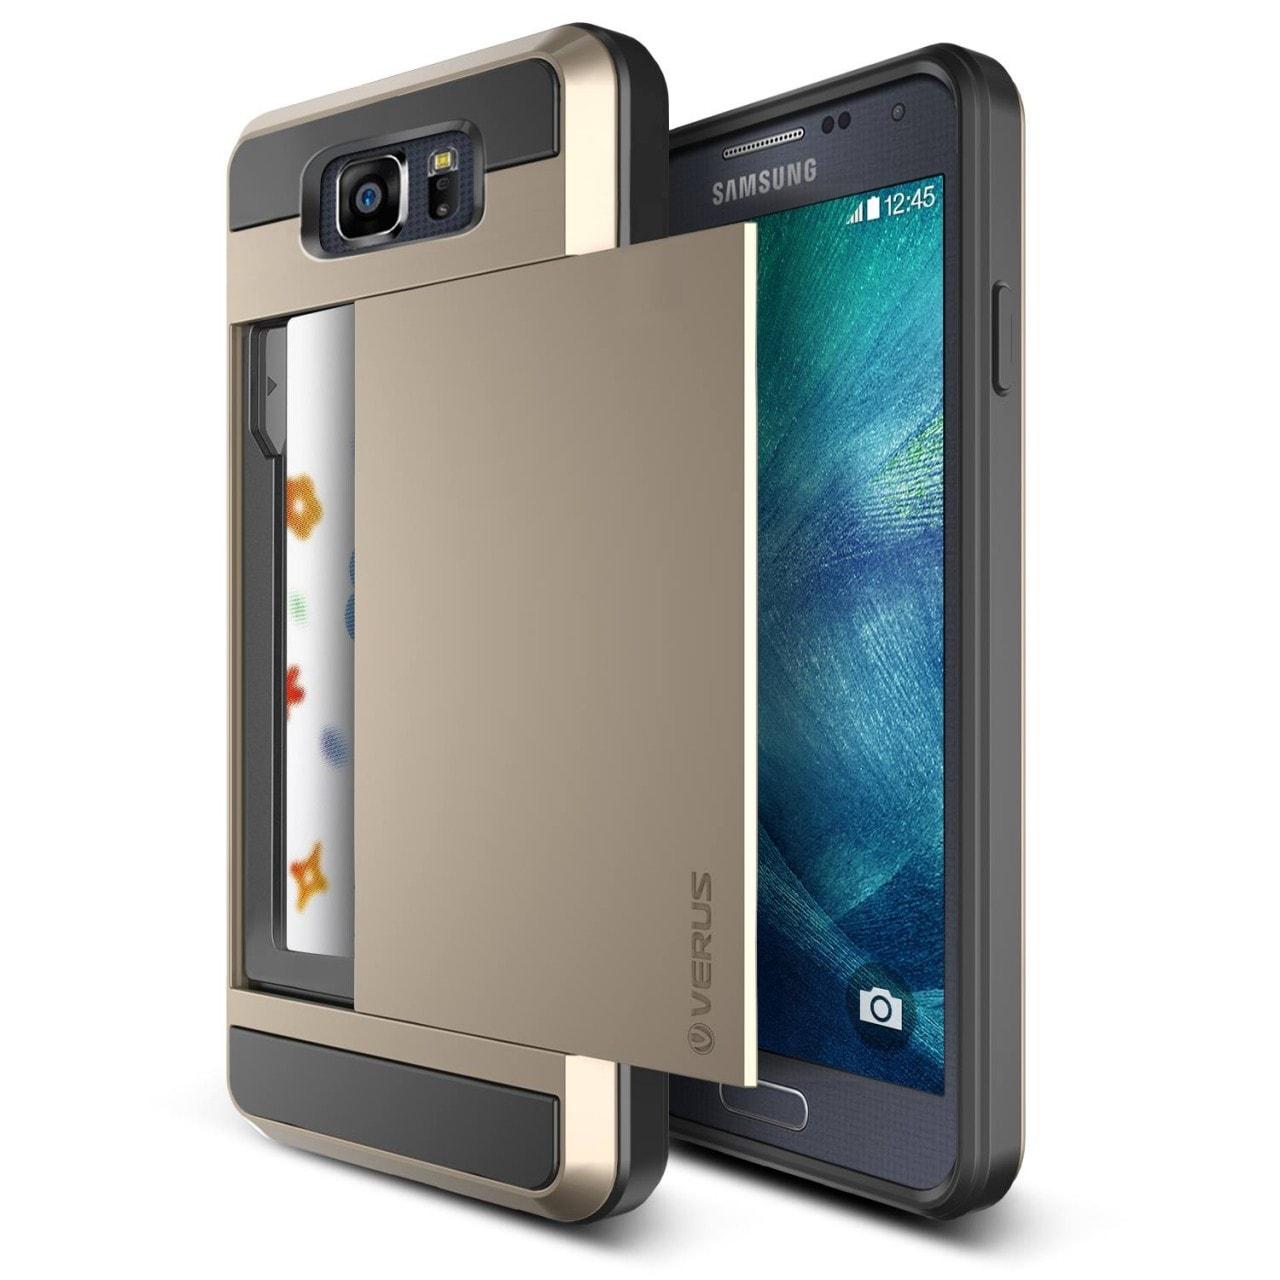 Custodie Galaxy S6 Versus - 3